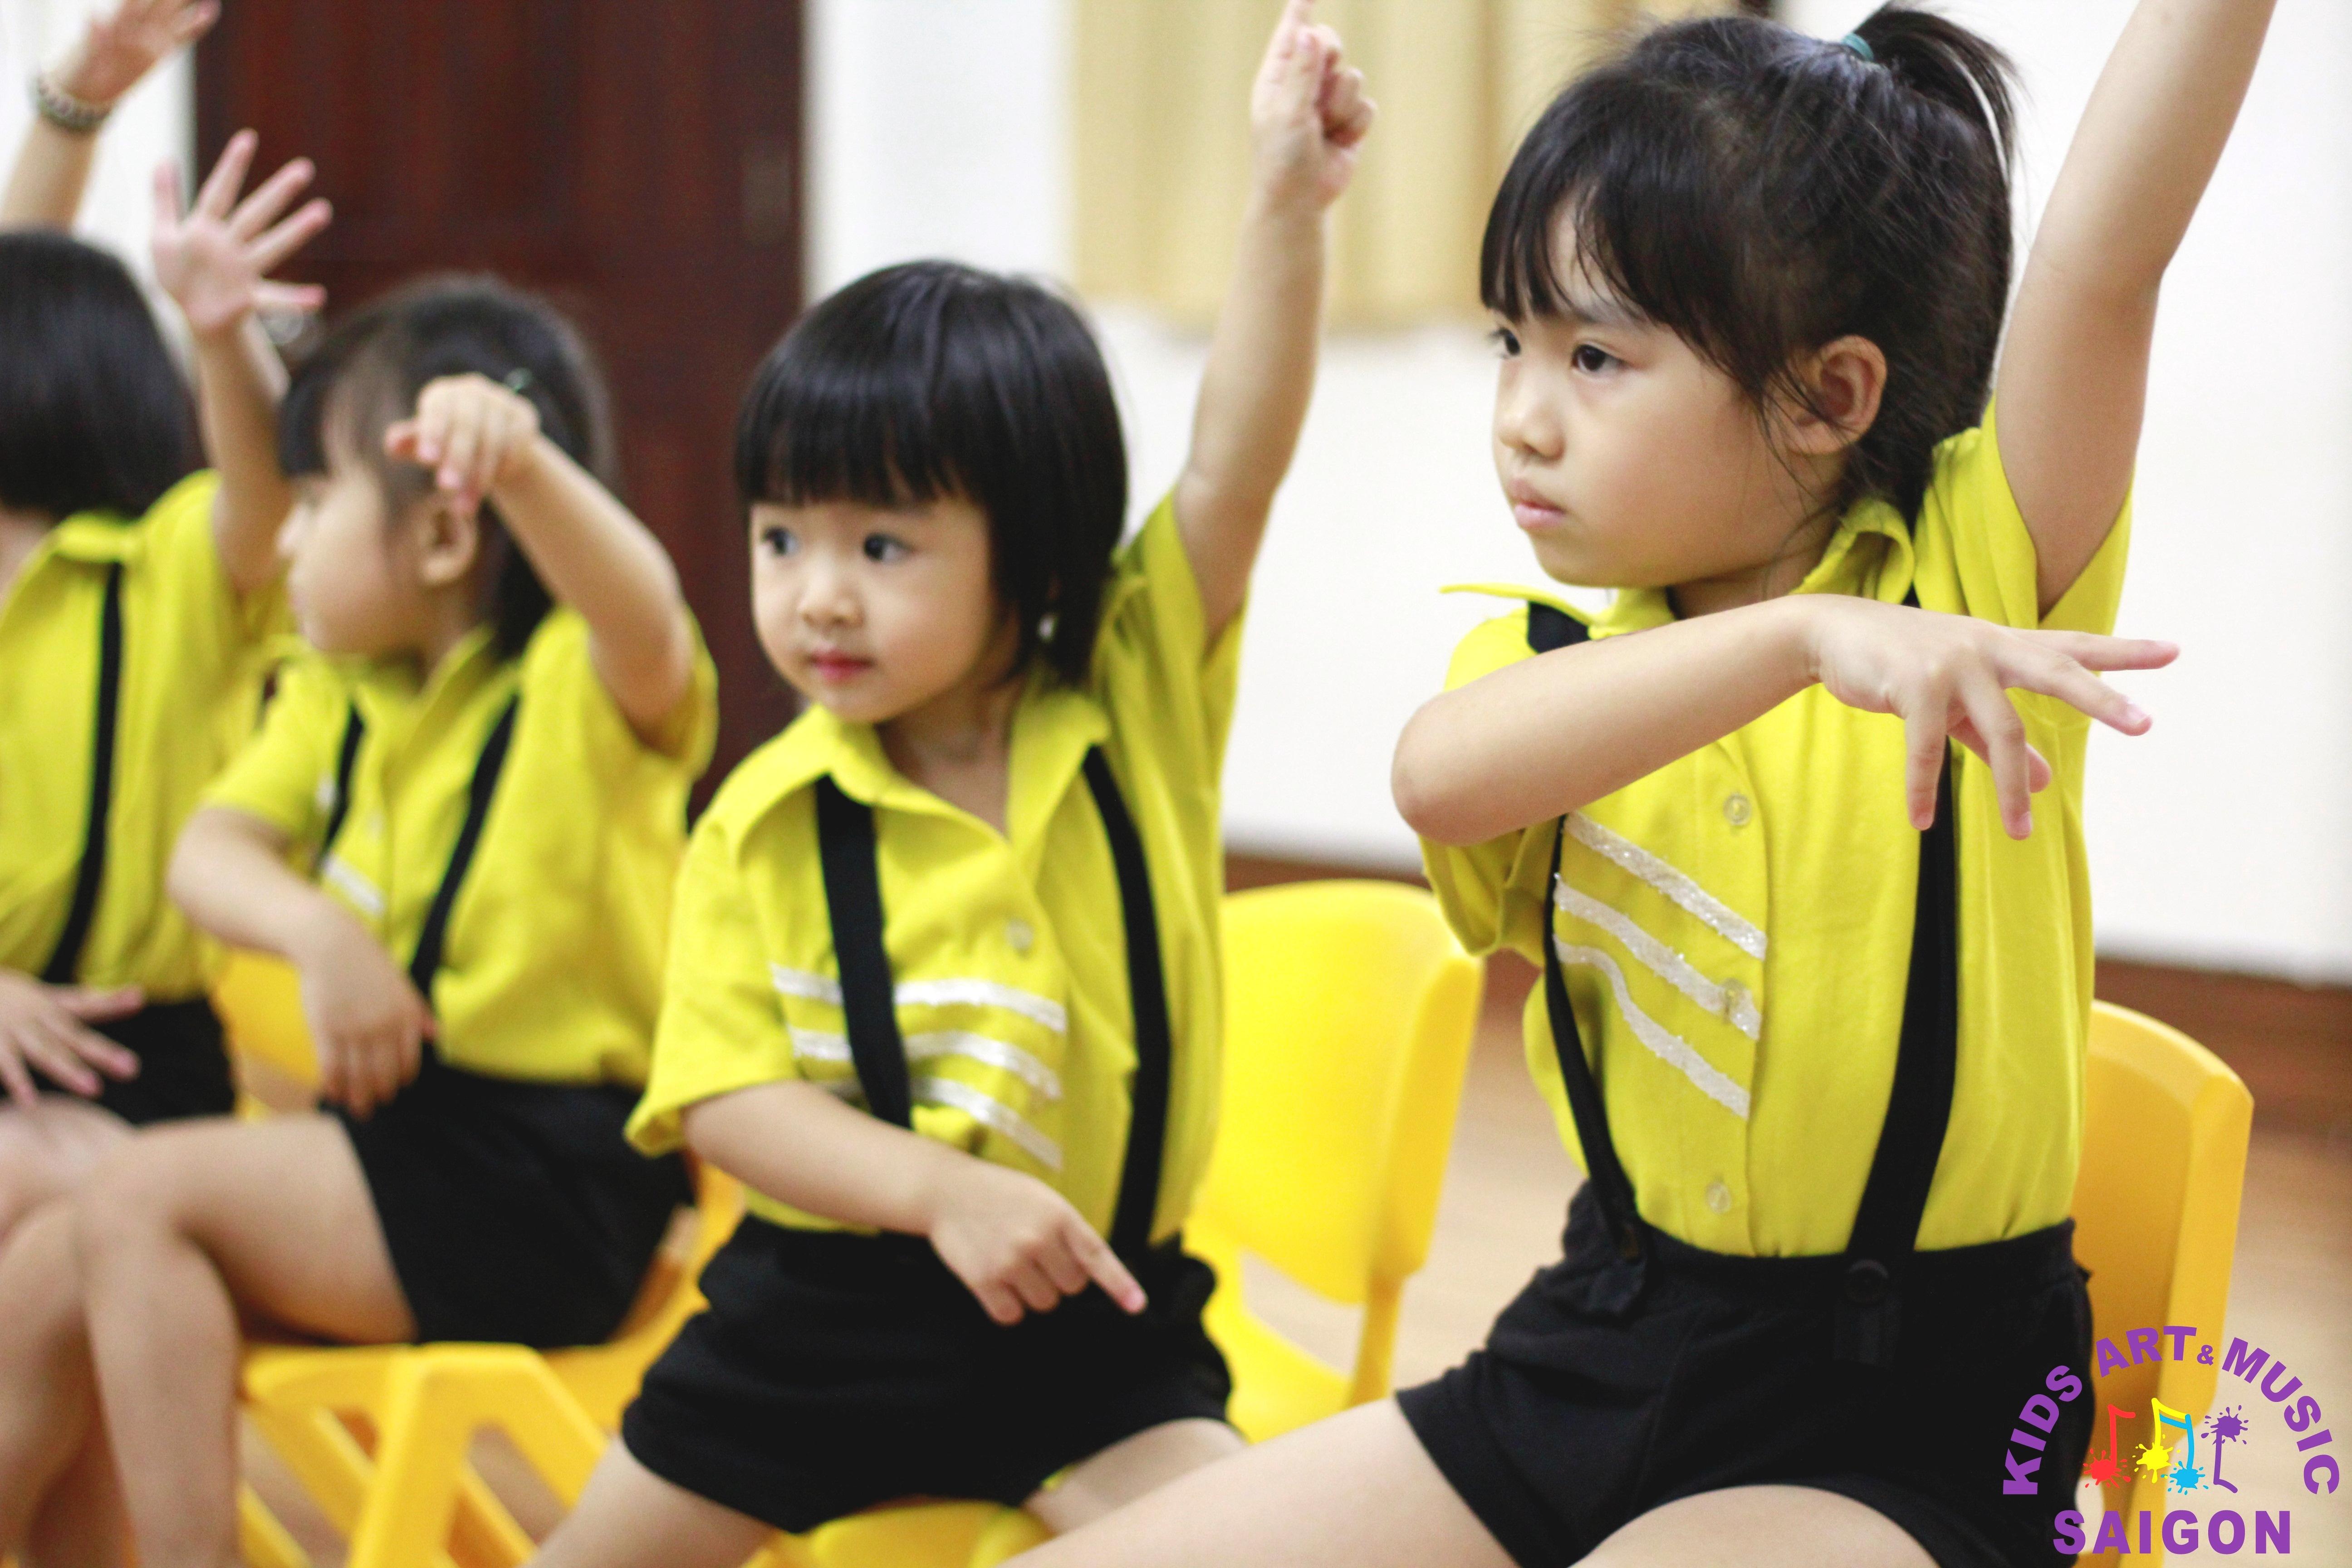 Nhún nhảy cùng điệu nhạc aerobic mầm non hình ảnh 2